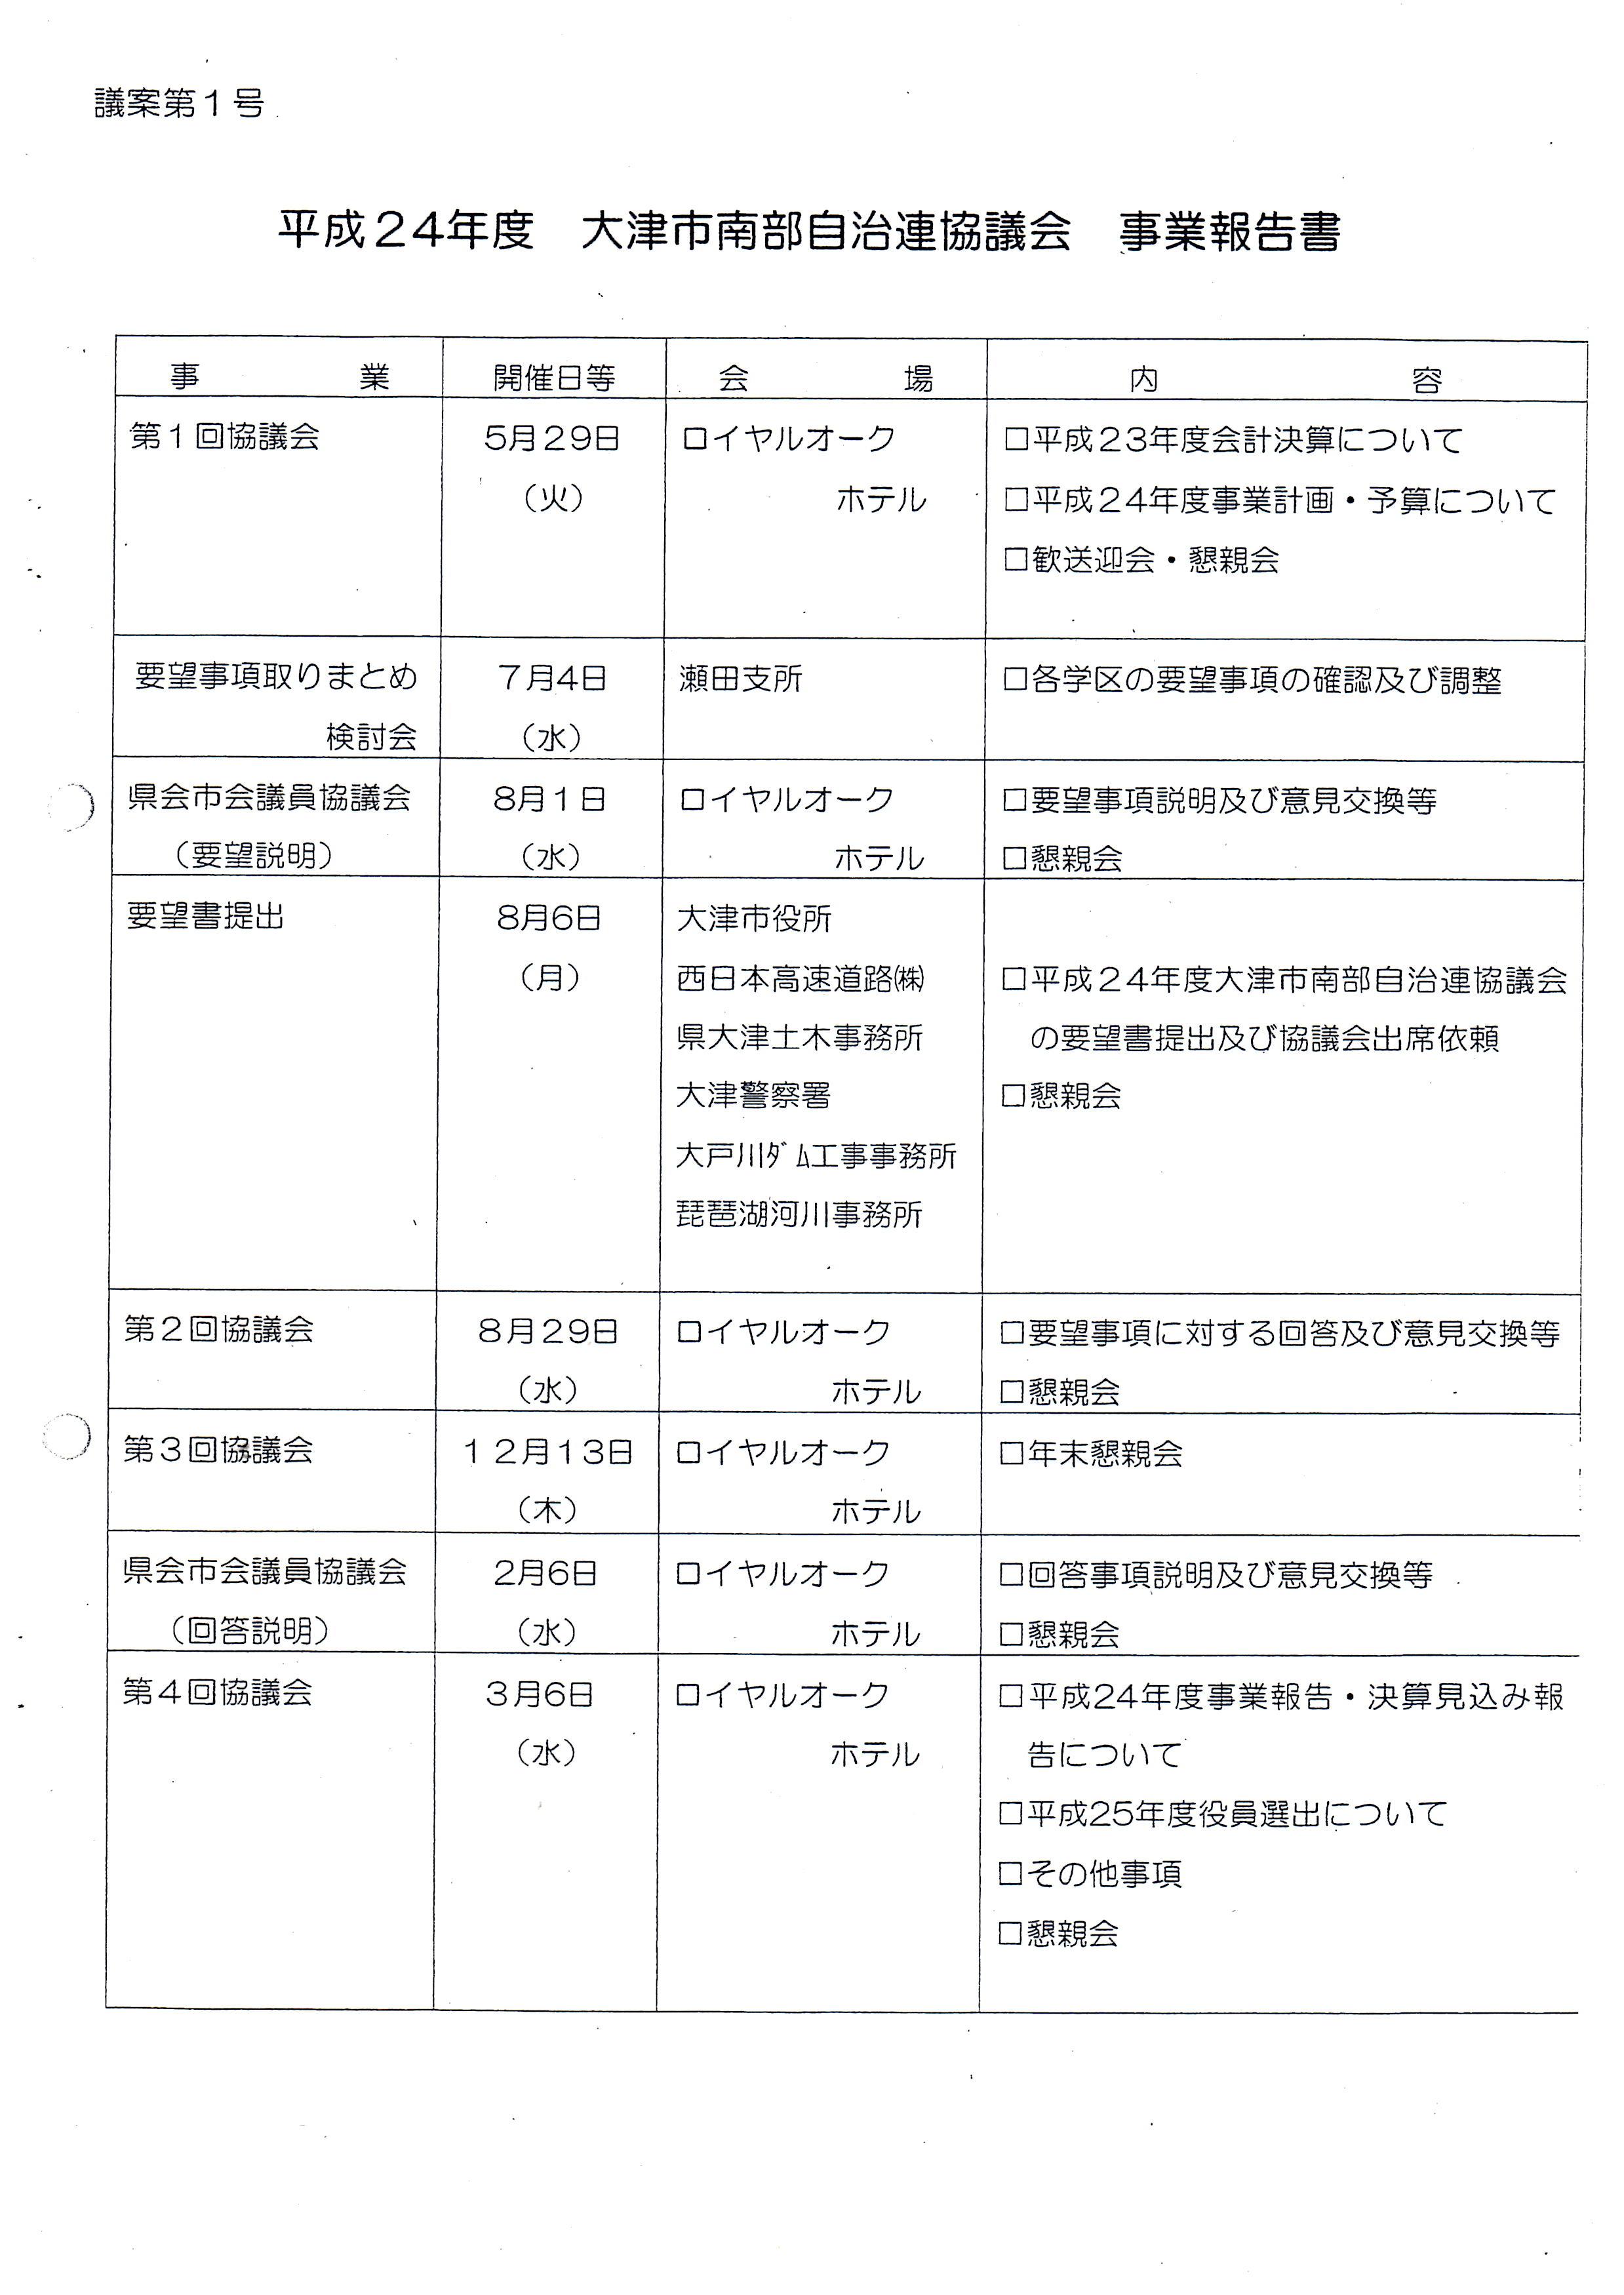 南部自治連/平成24年事業報告